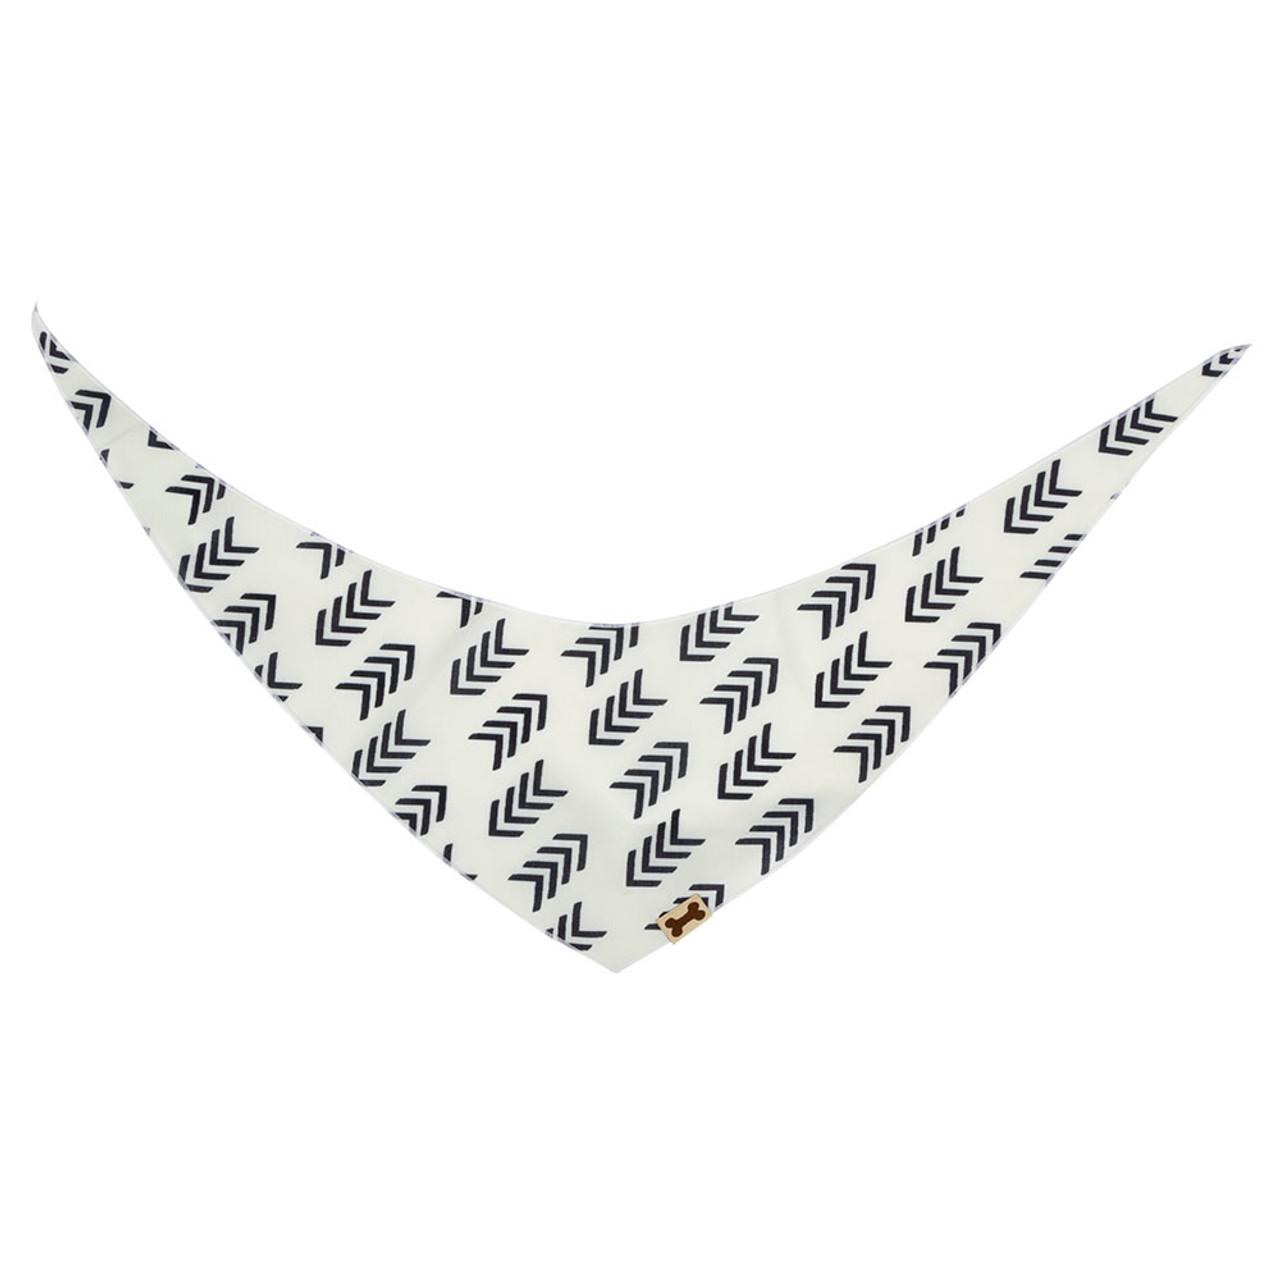 SimplyShe White Flying V Print Dog Bandana - Back